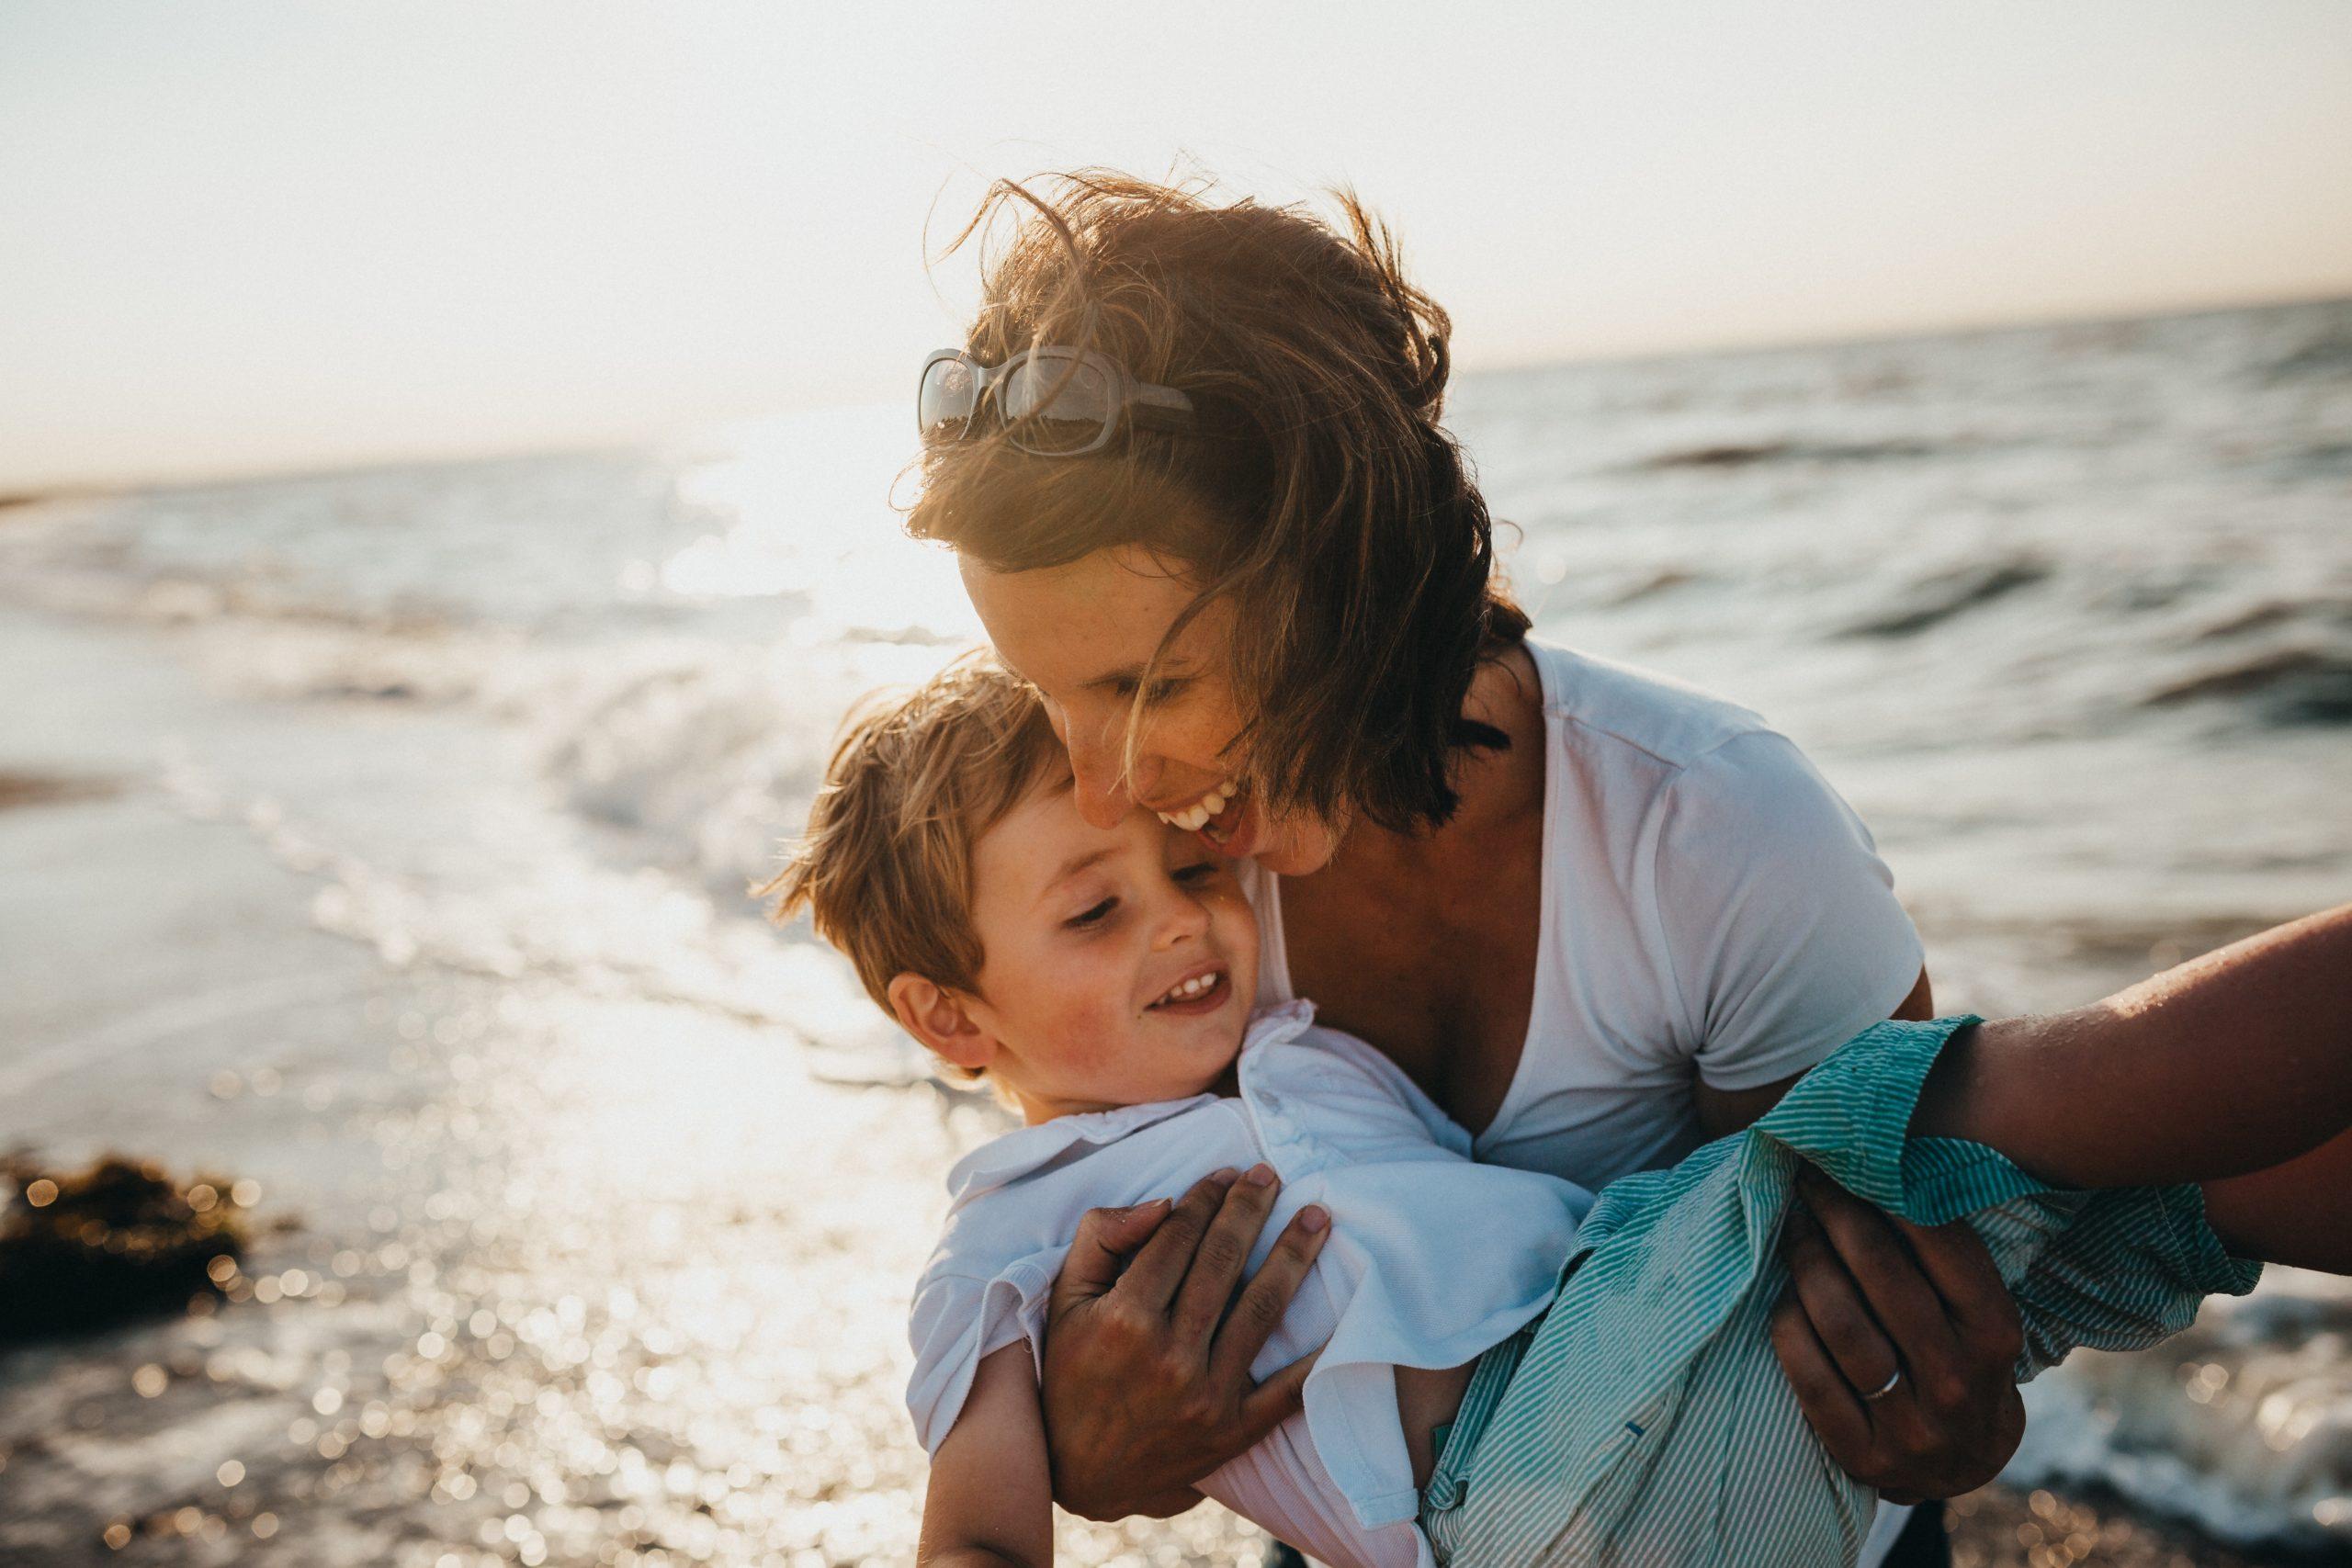 Mum and child at the beach